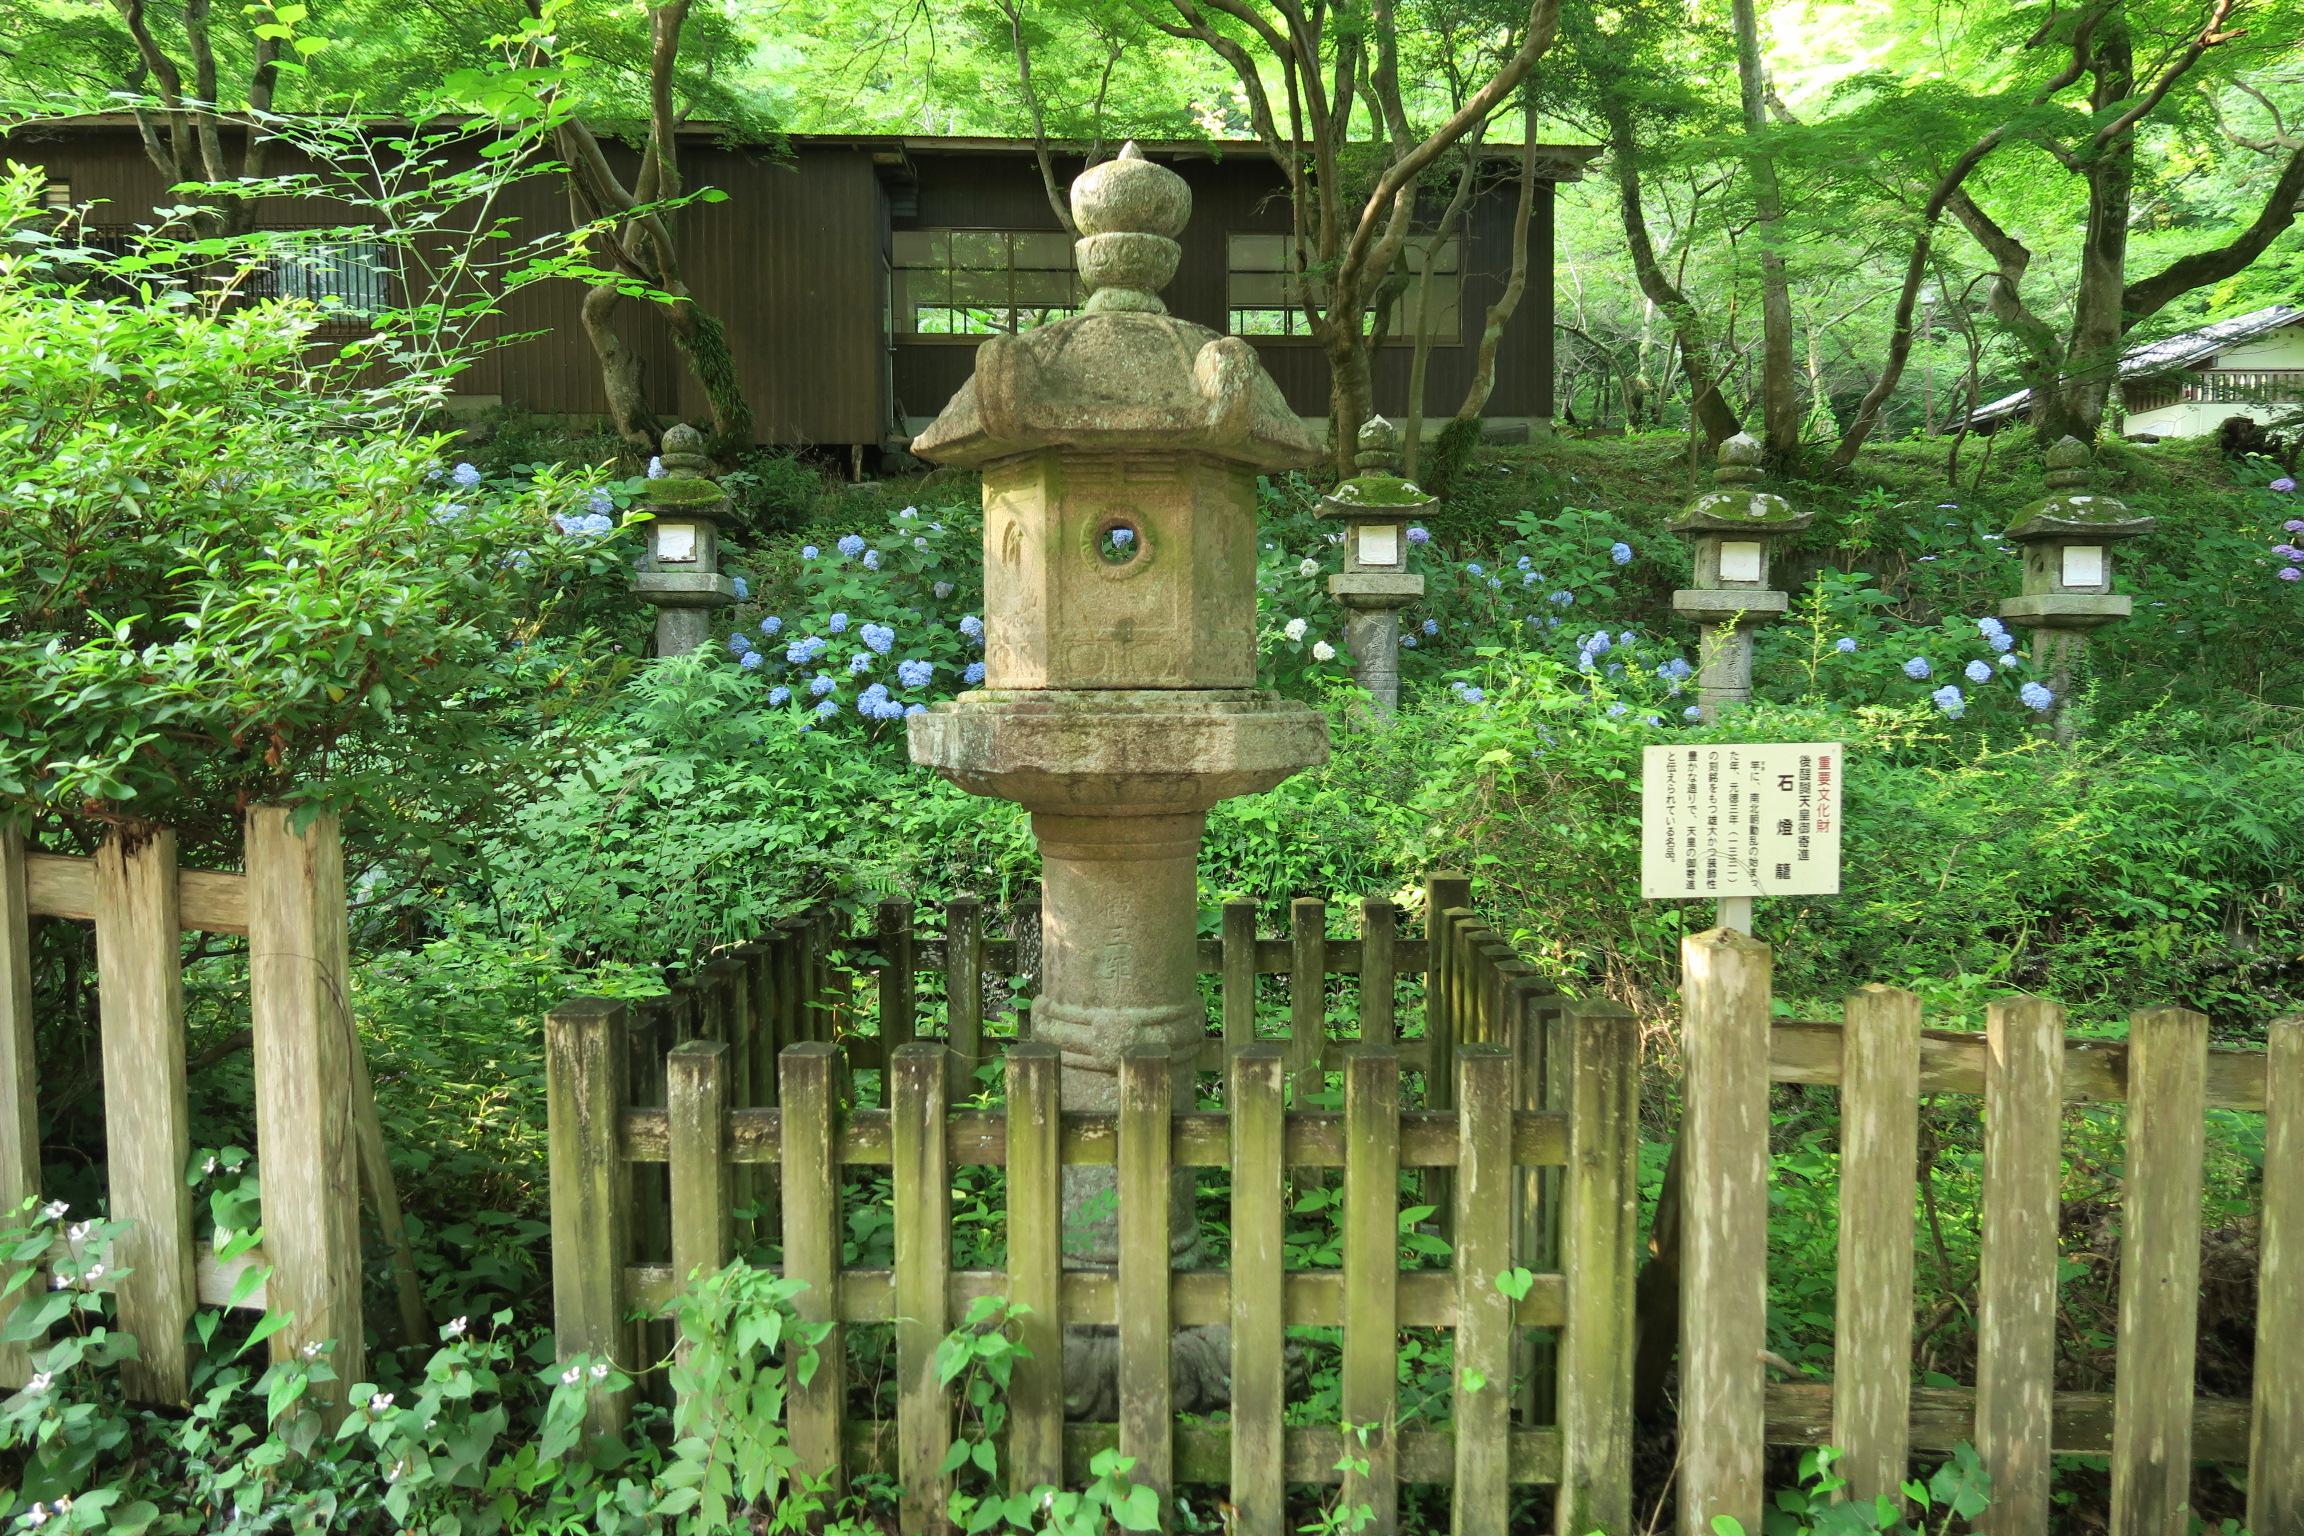 後醍醐天皇からご寄進された石燈籠。品のある美しい装飾の石燈籠でした。